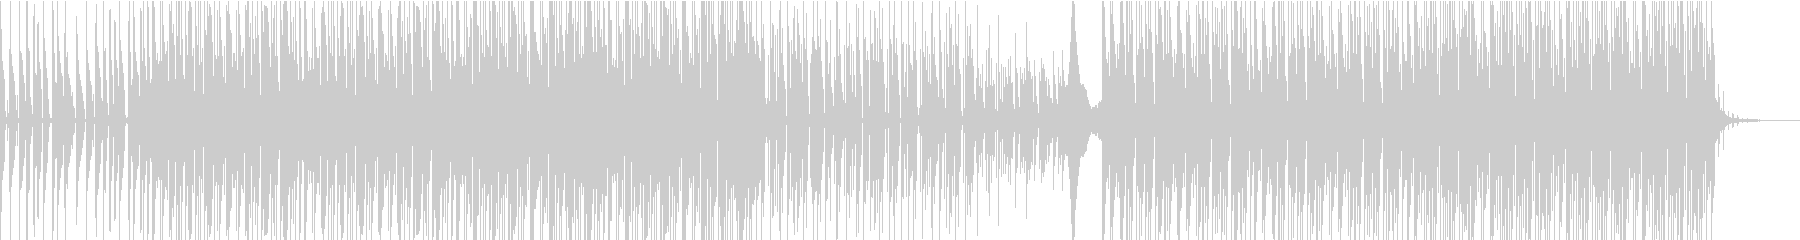 クールでゆったりとしたシンセトラックの未再生の波形